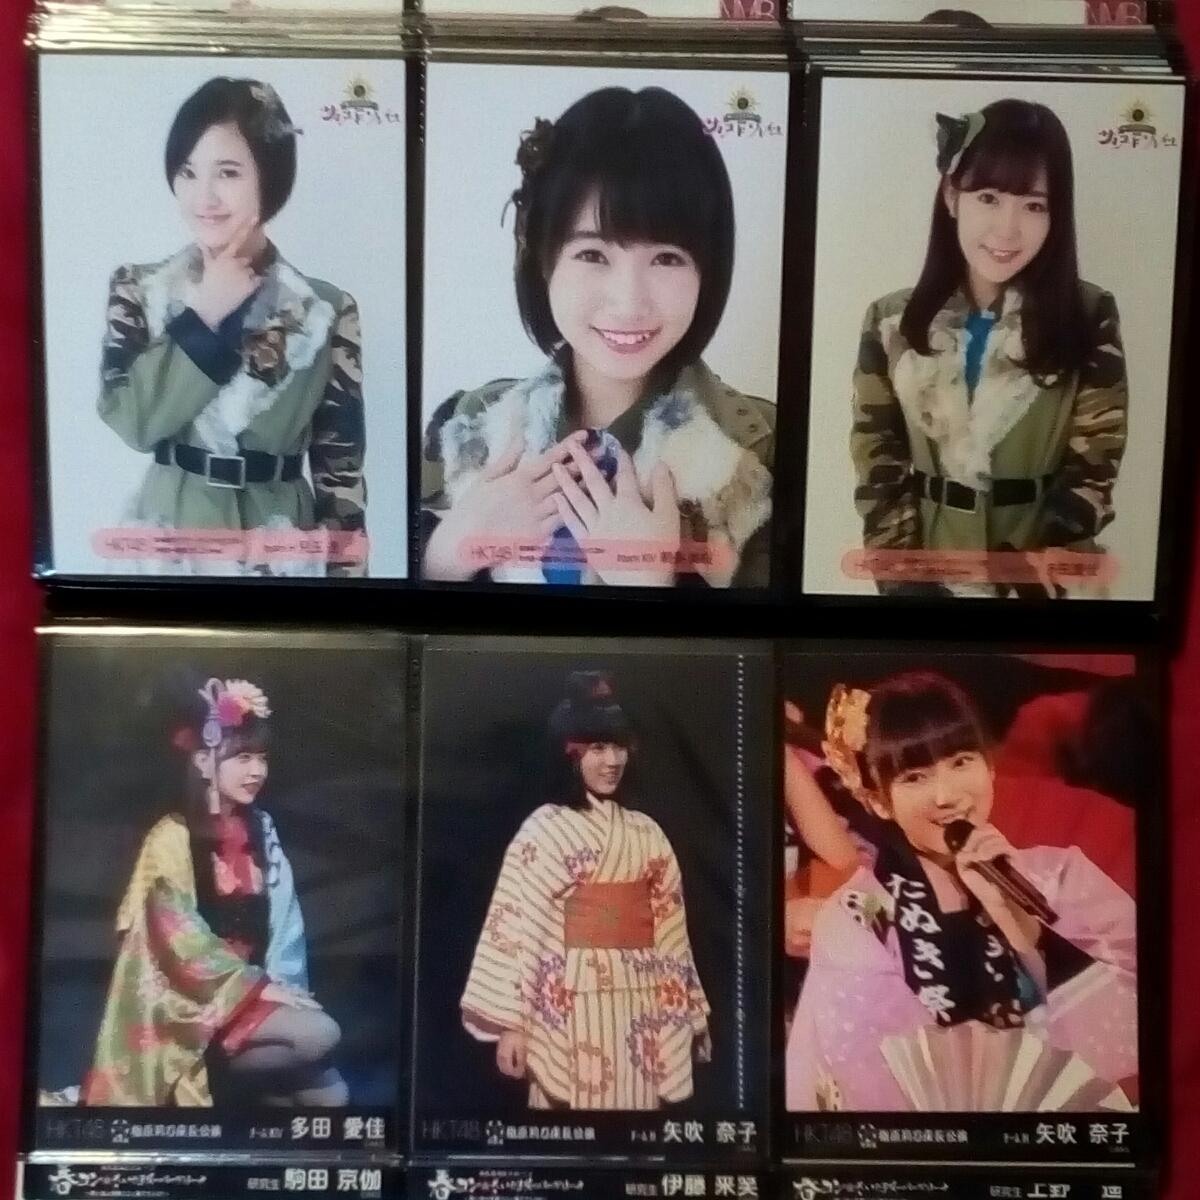 AKB48 公式生写真約1300枚セットまとめ売り コンプ復刻版 共通ポーズ 北原里英 大島優子 松井珠理奈 指原莉乃 SKE/NMB/HKT/NGT/STU/チーム8_画像7